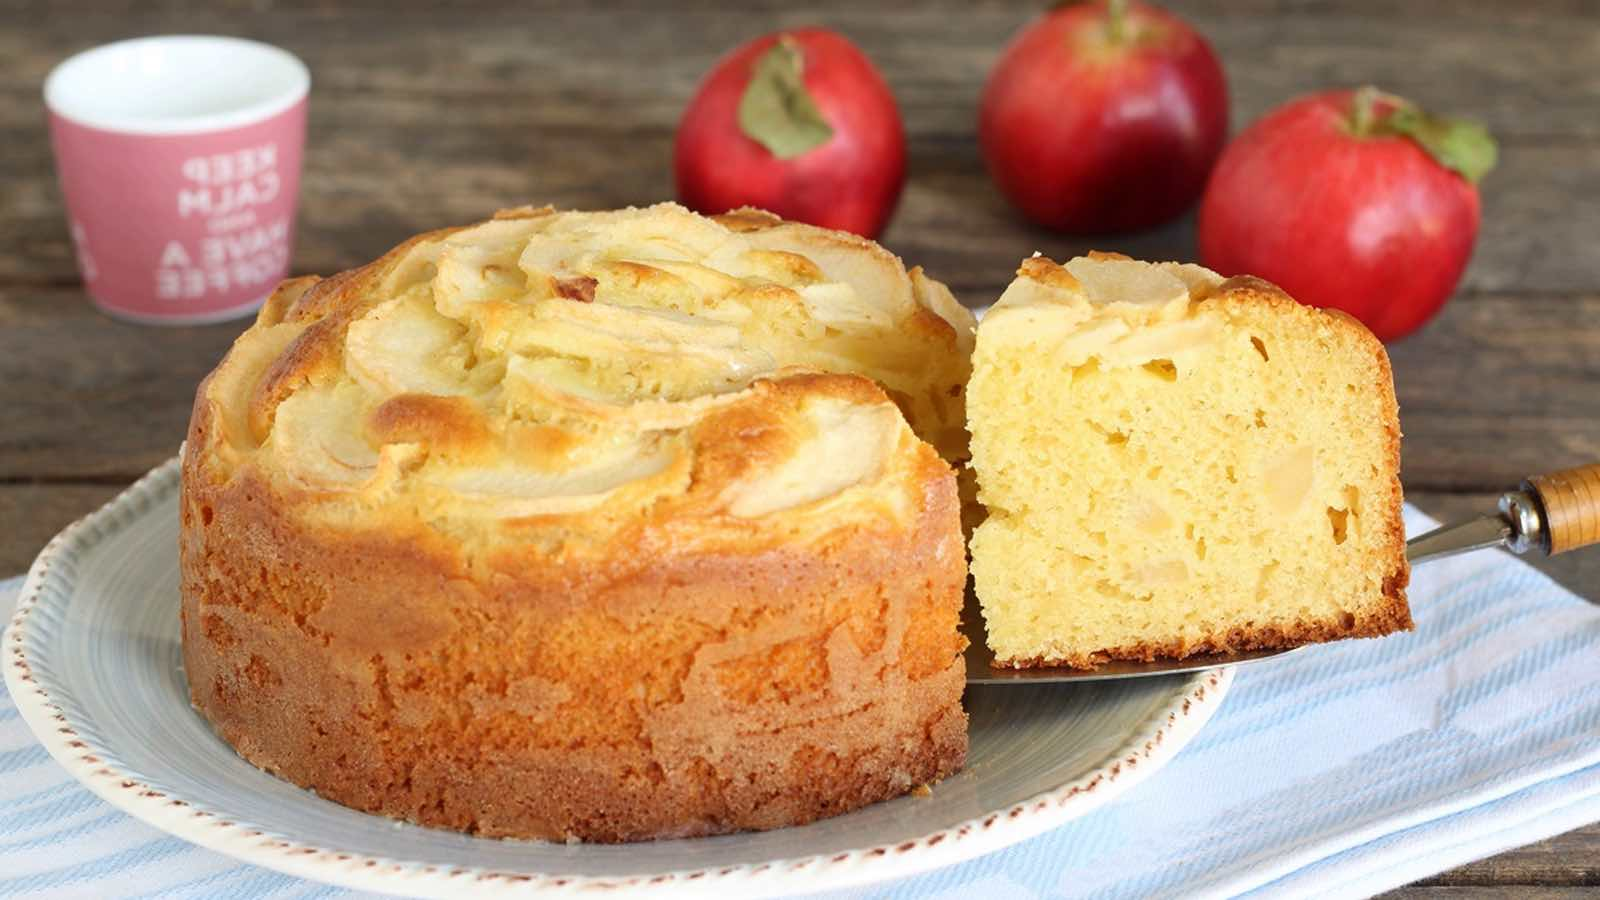 Recette gâteau aux pommes au mascarpone de cyril lignac